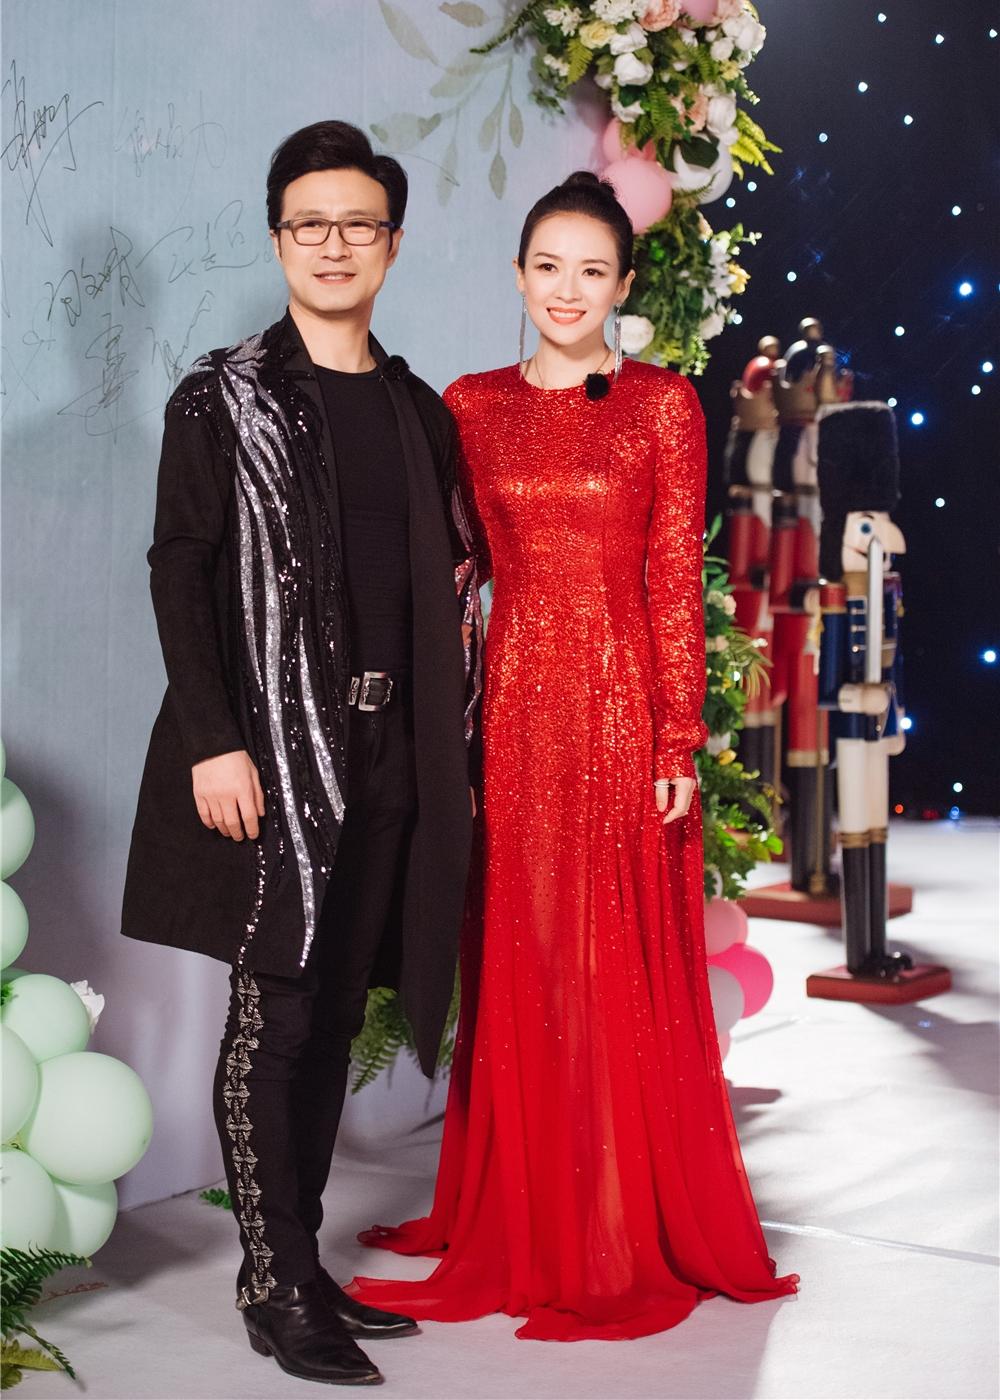 Tử Di và rocker Uông Phong bí mật đăng ký kết hôn năm, con gái họ chào đời cùng năm, con trai ra đời hôm 1/1. Rocker hơn vợ tám tuổi, từng qua hai đời vợ và có hai con gái riêng. Tử Di cũng vướng nhiều ồn ào tình ái khi còn trẻ. Minh tinh nhiều lần bị tình cũ của chồng - Cát Hội Tiệp - mỉa mai, công kích trên Weibo, nhưng cô hiếm khi phản hồi.